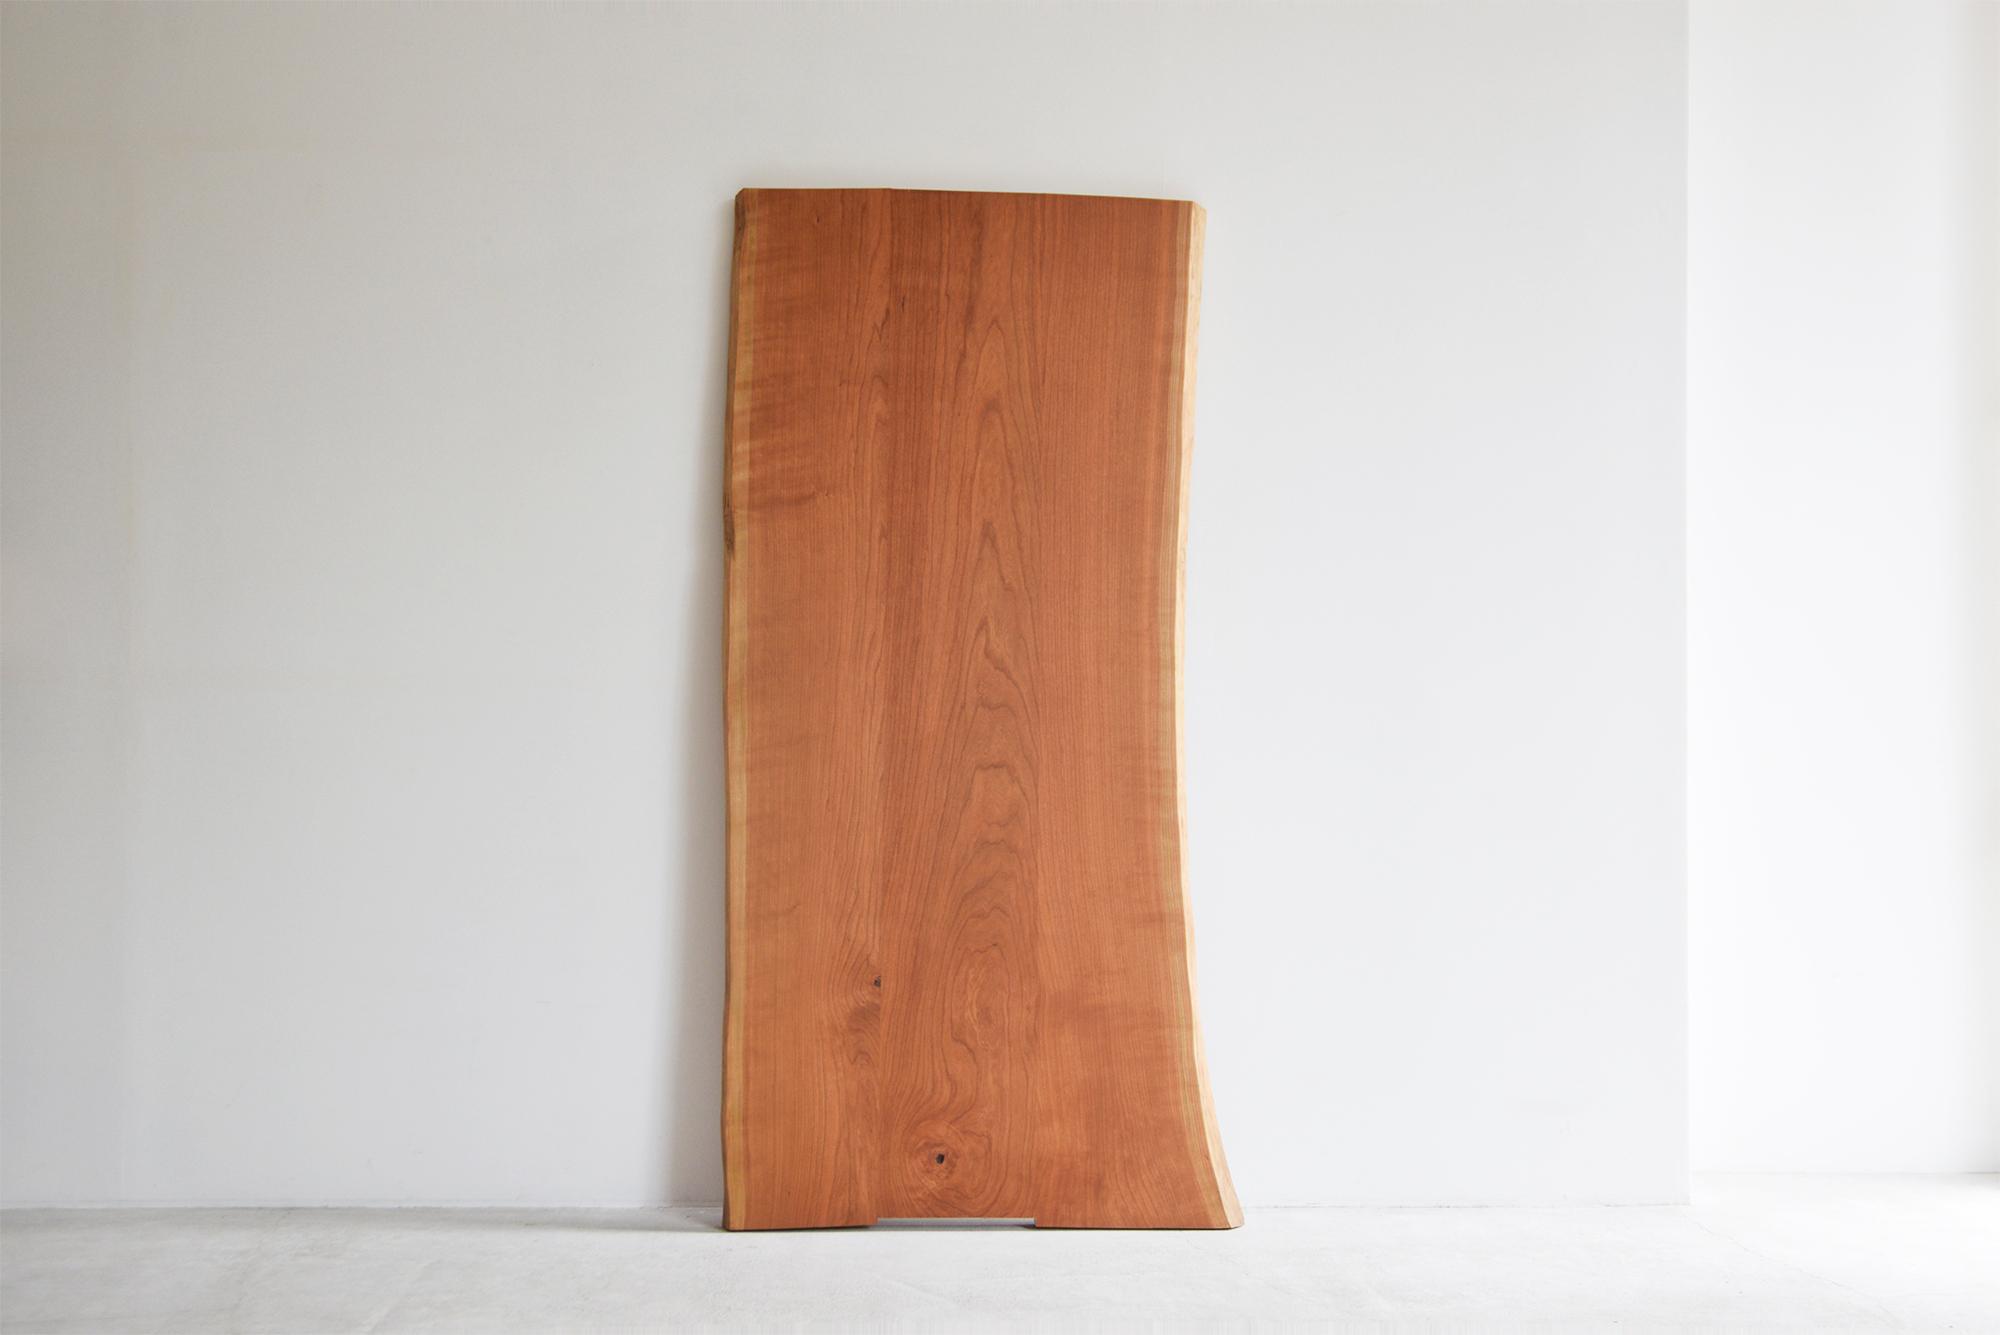 アメリカンブラックチェリー三枚接ぎ天板(品番/N14-30)